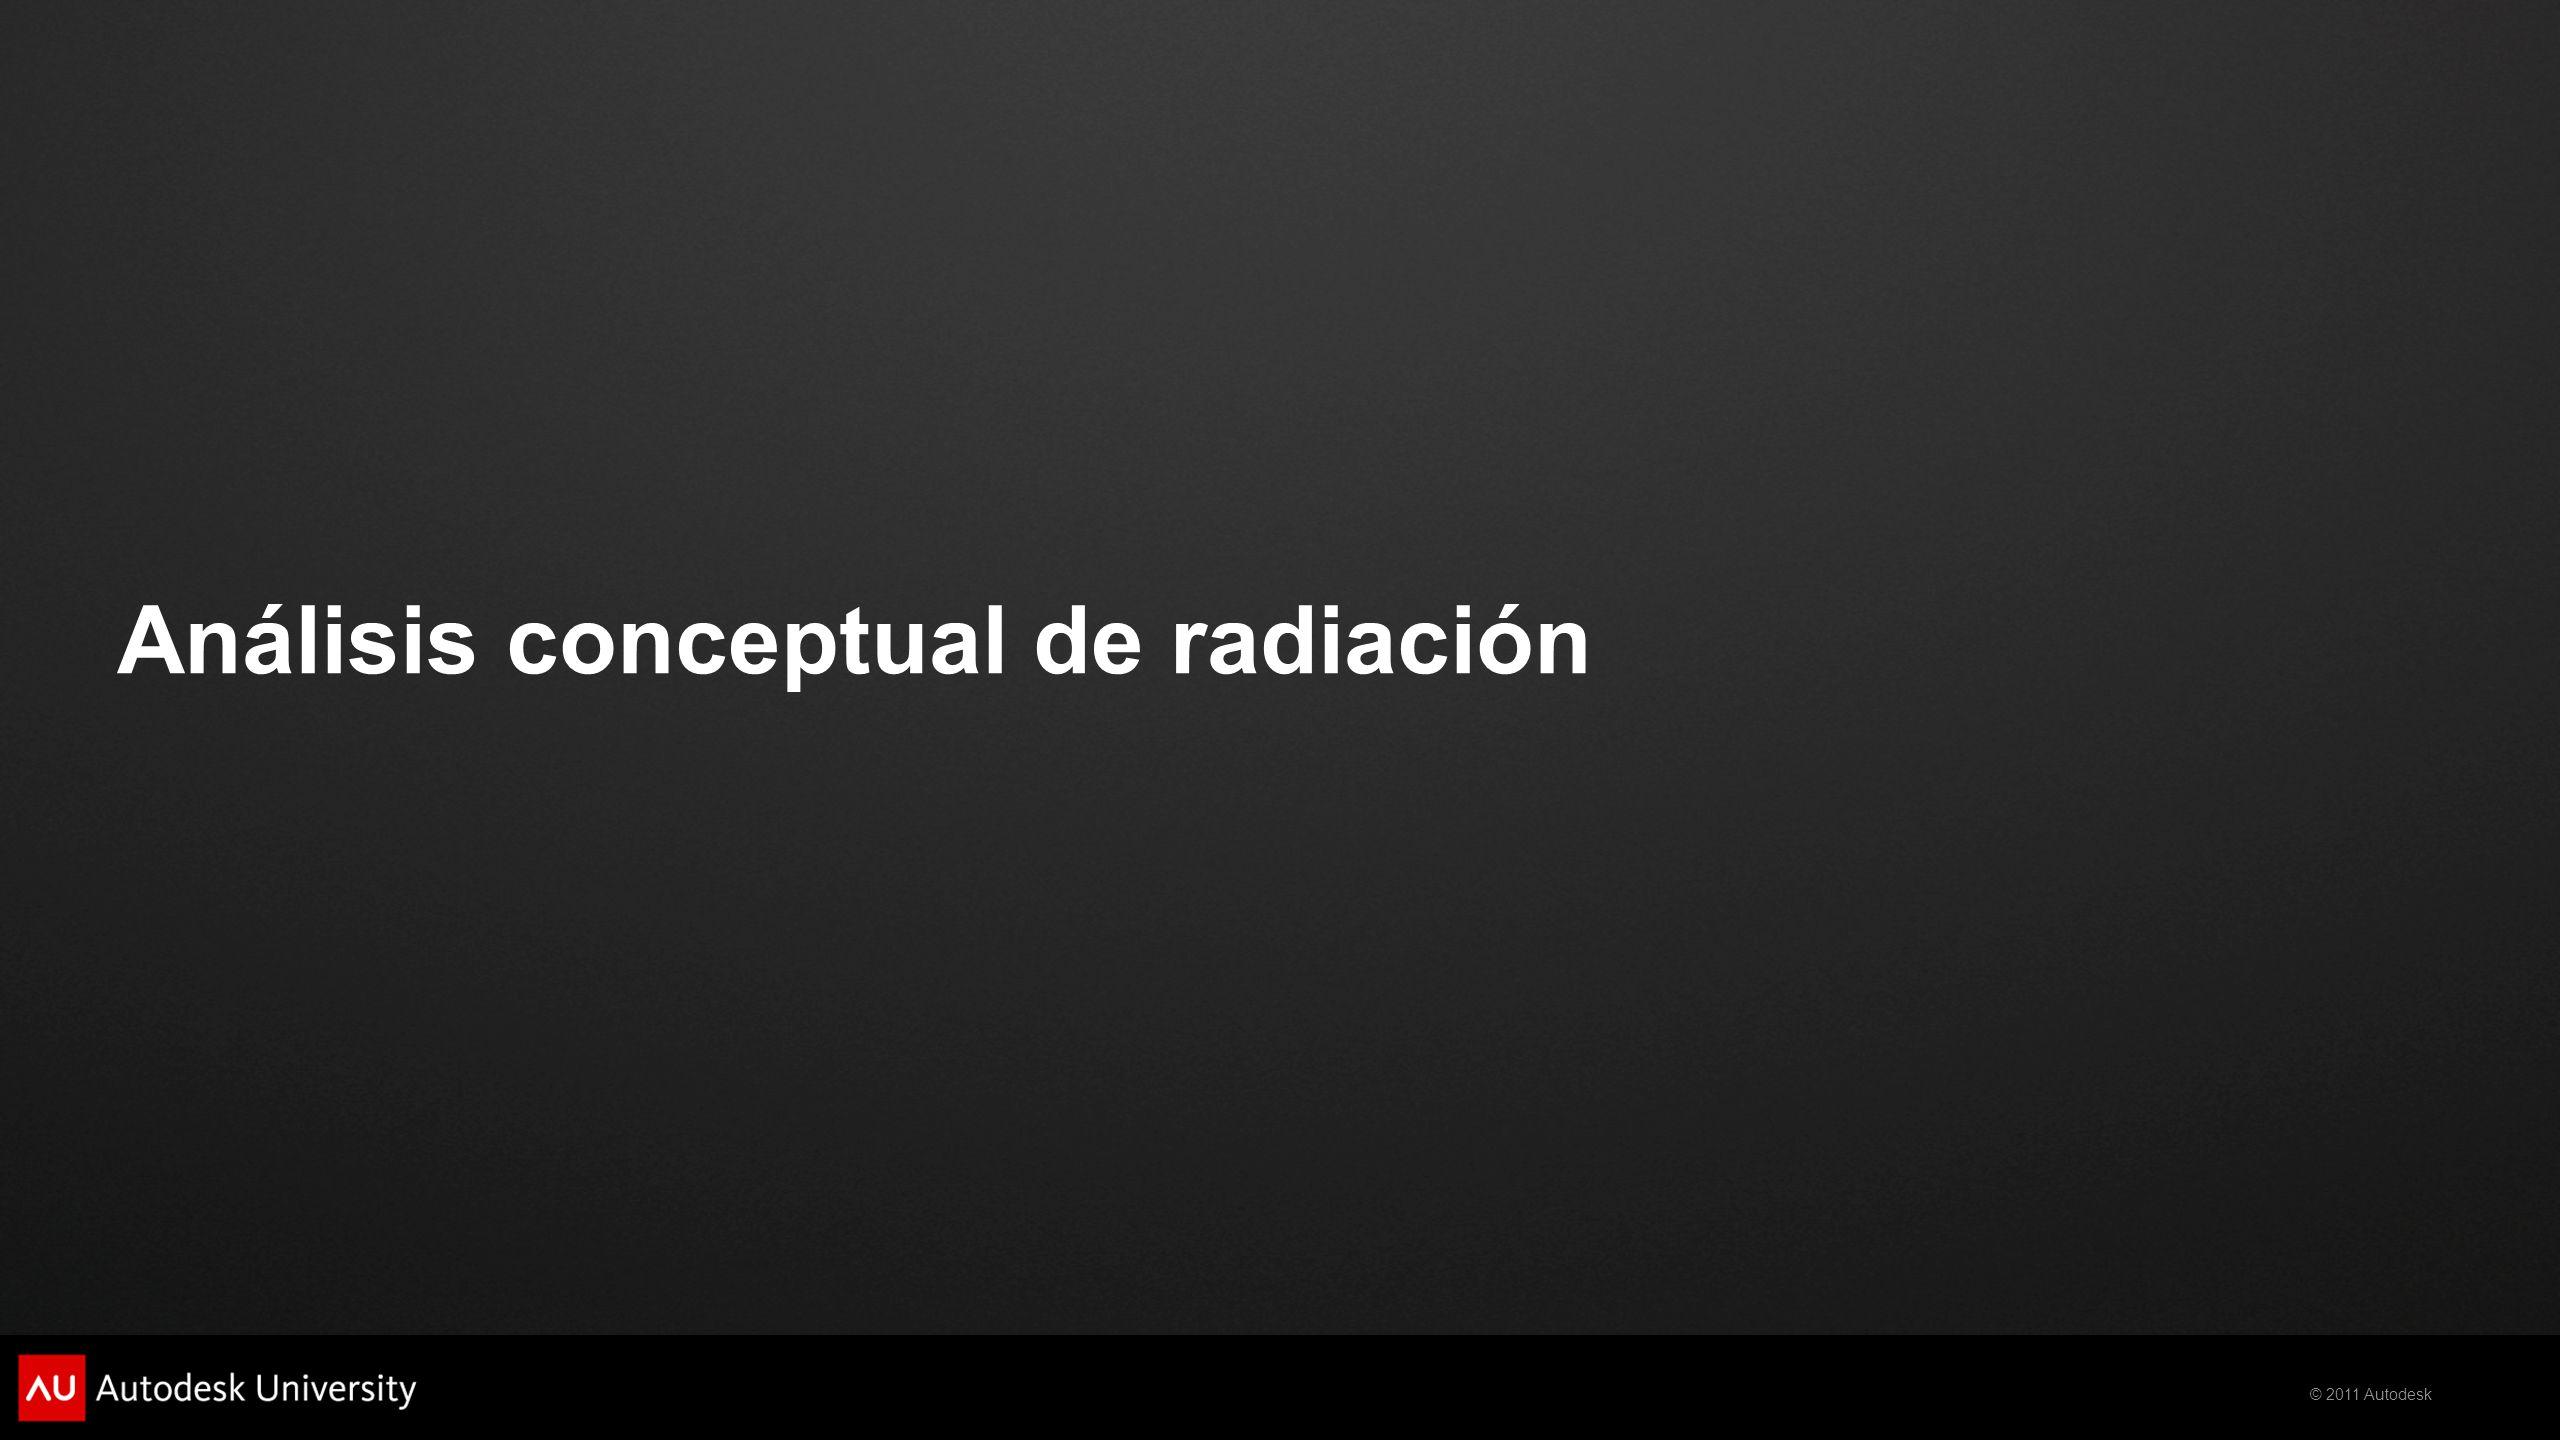 Análisis conceptual de radiación